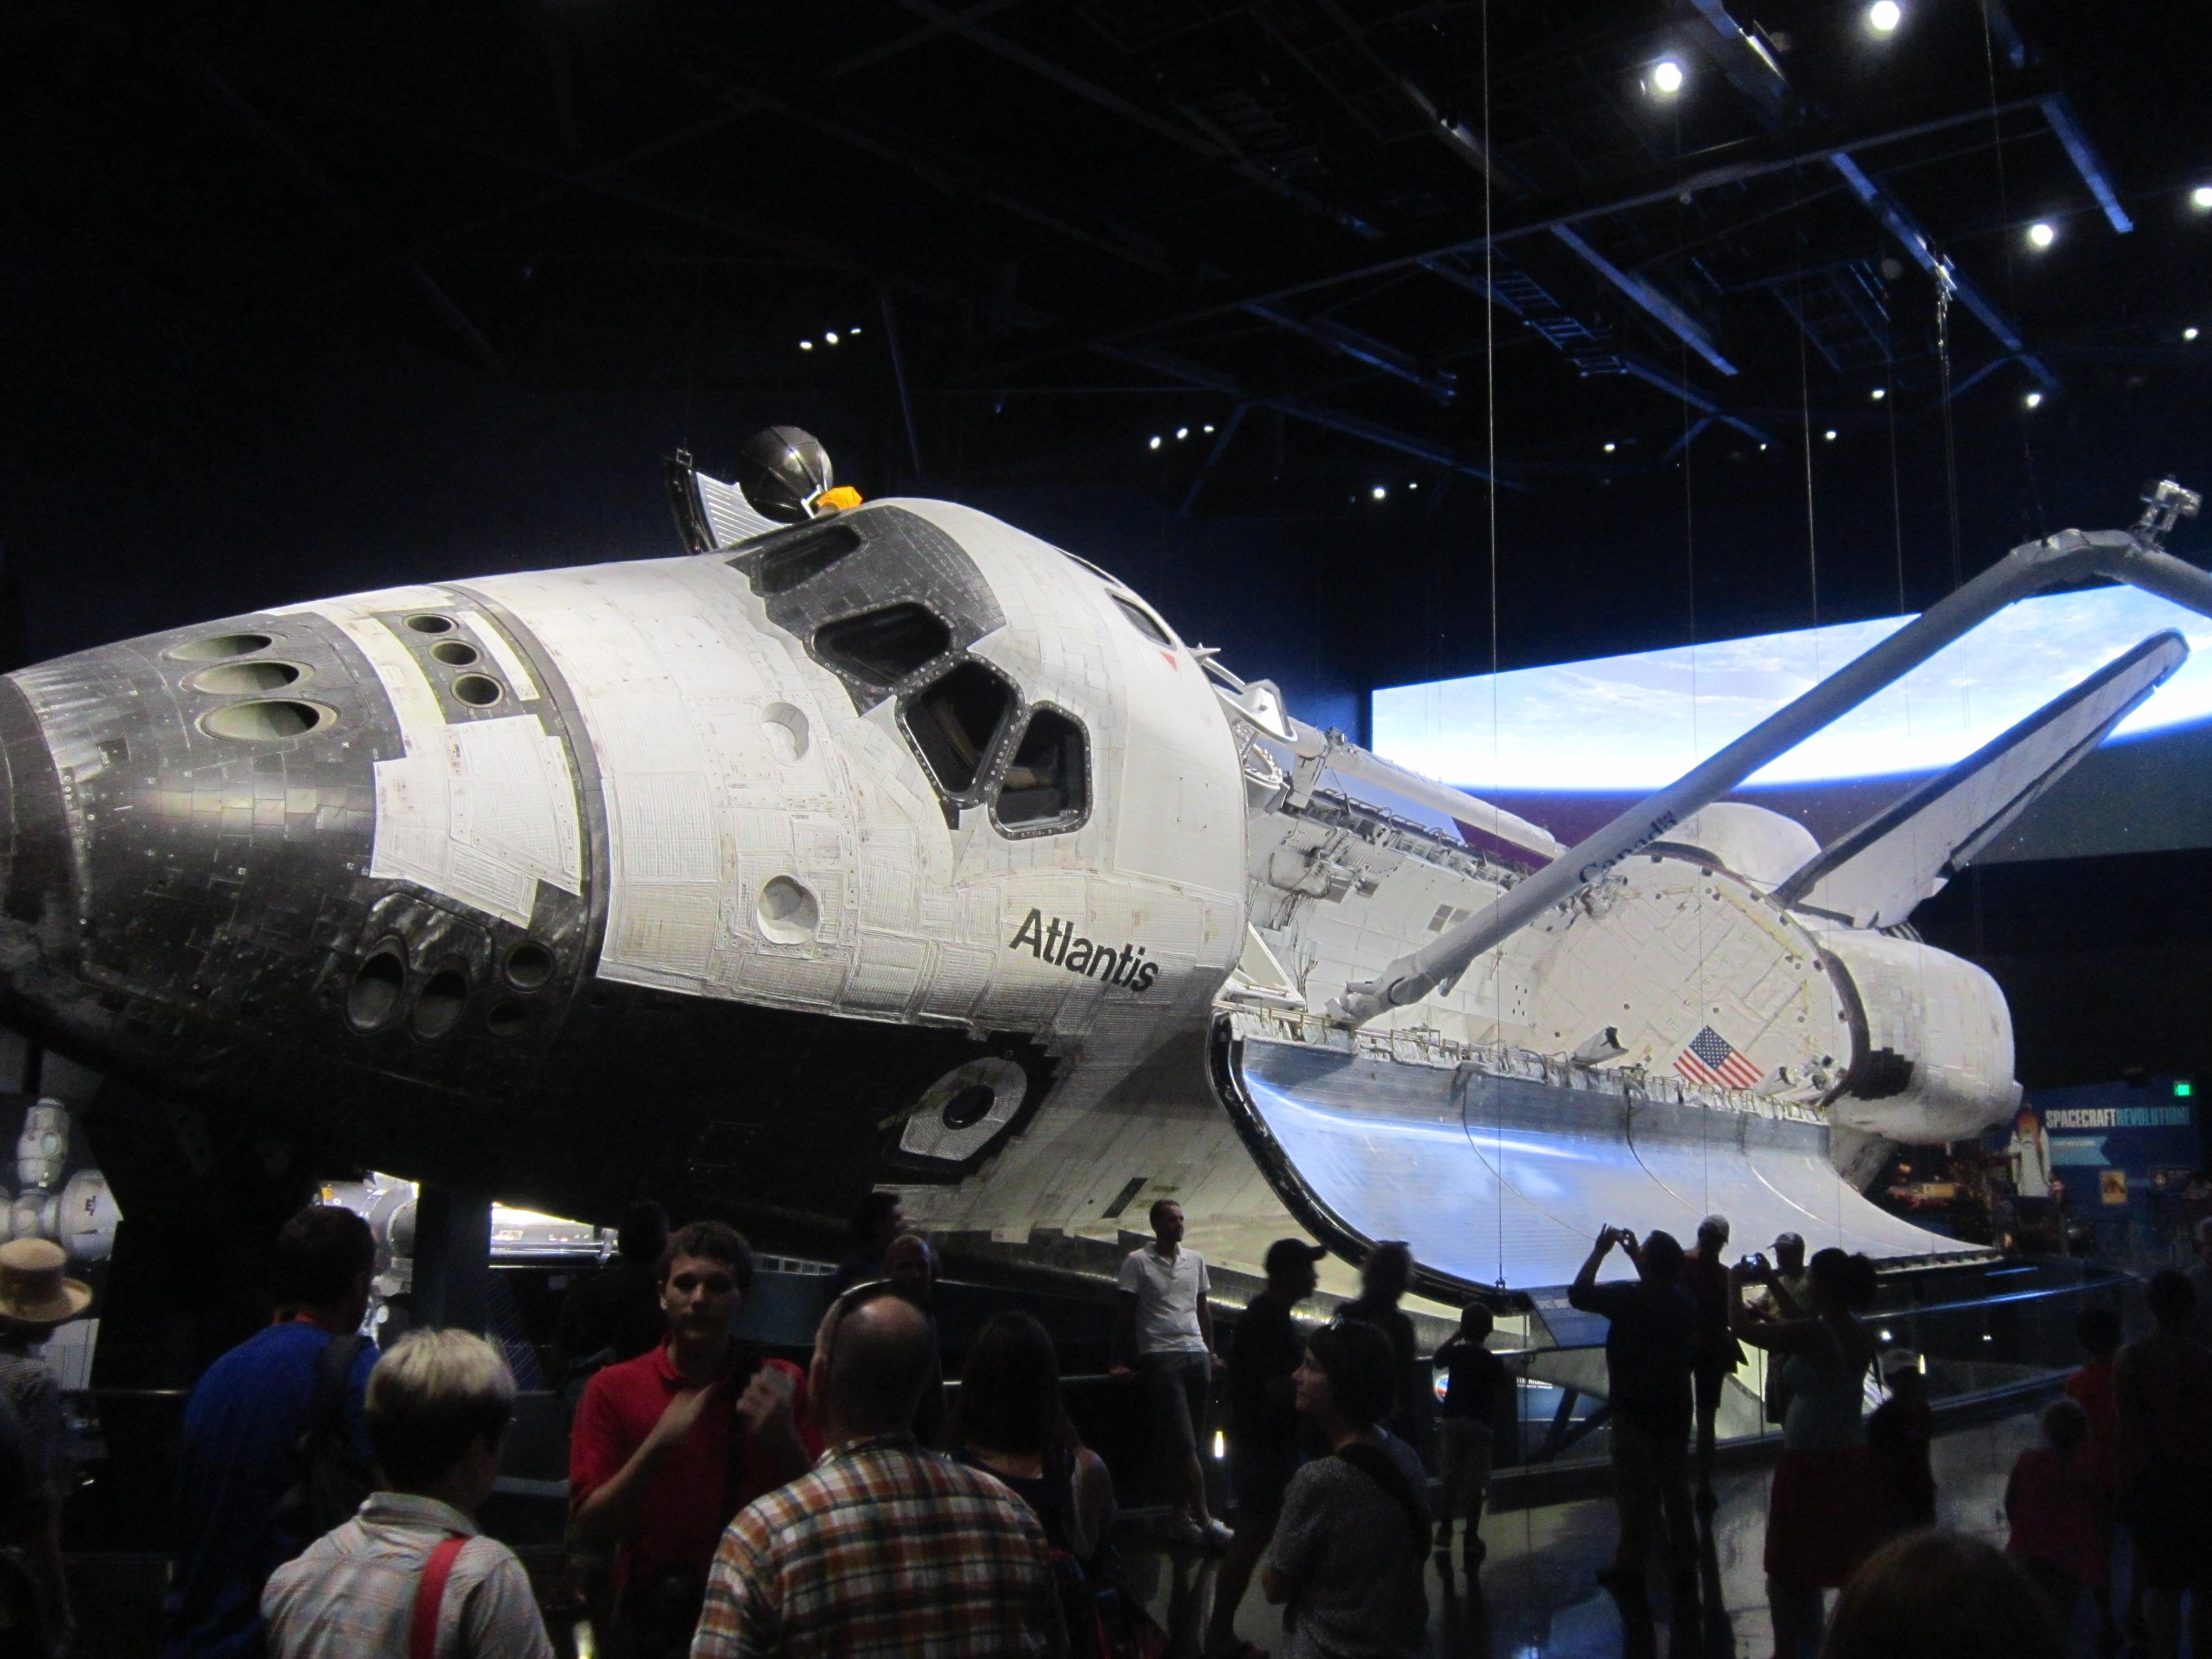 Шаттл Atlantis, летавший в космос 33 раза